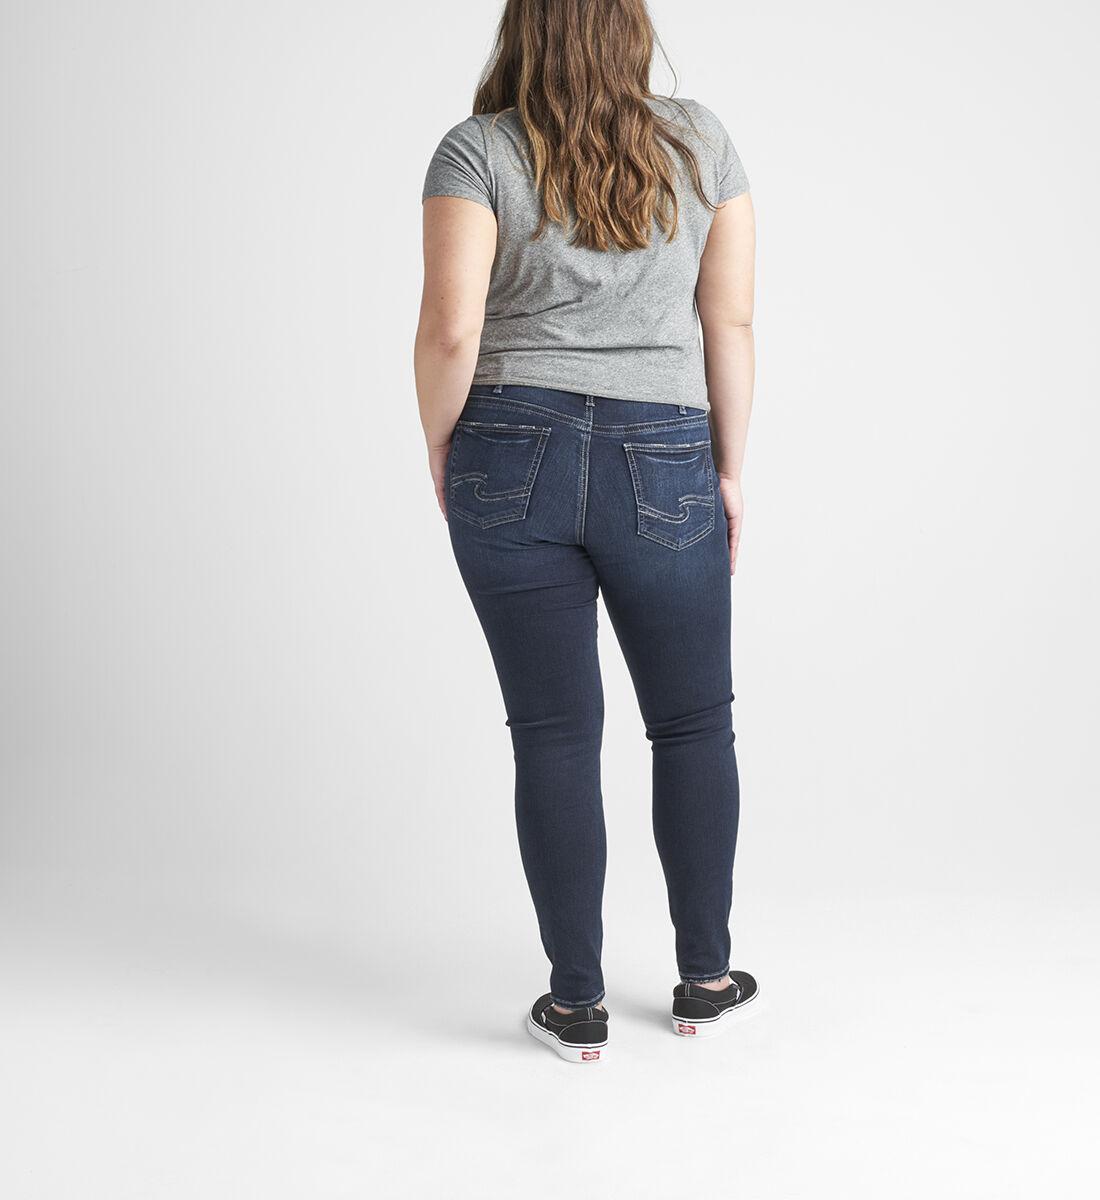 Suki Mid Rise Skinny Jeans Plus Size Back